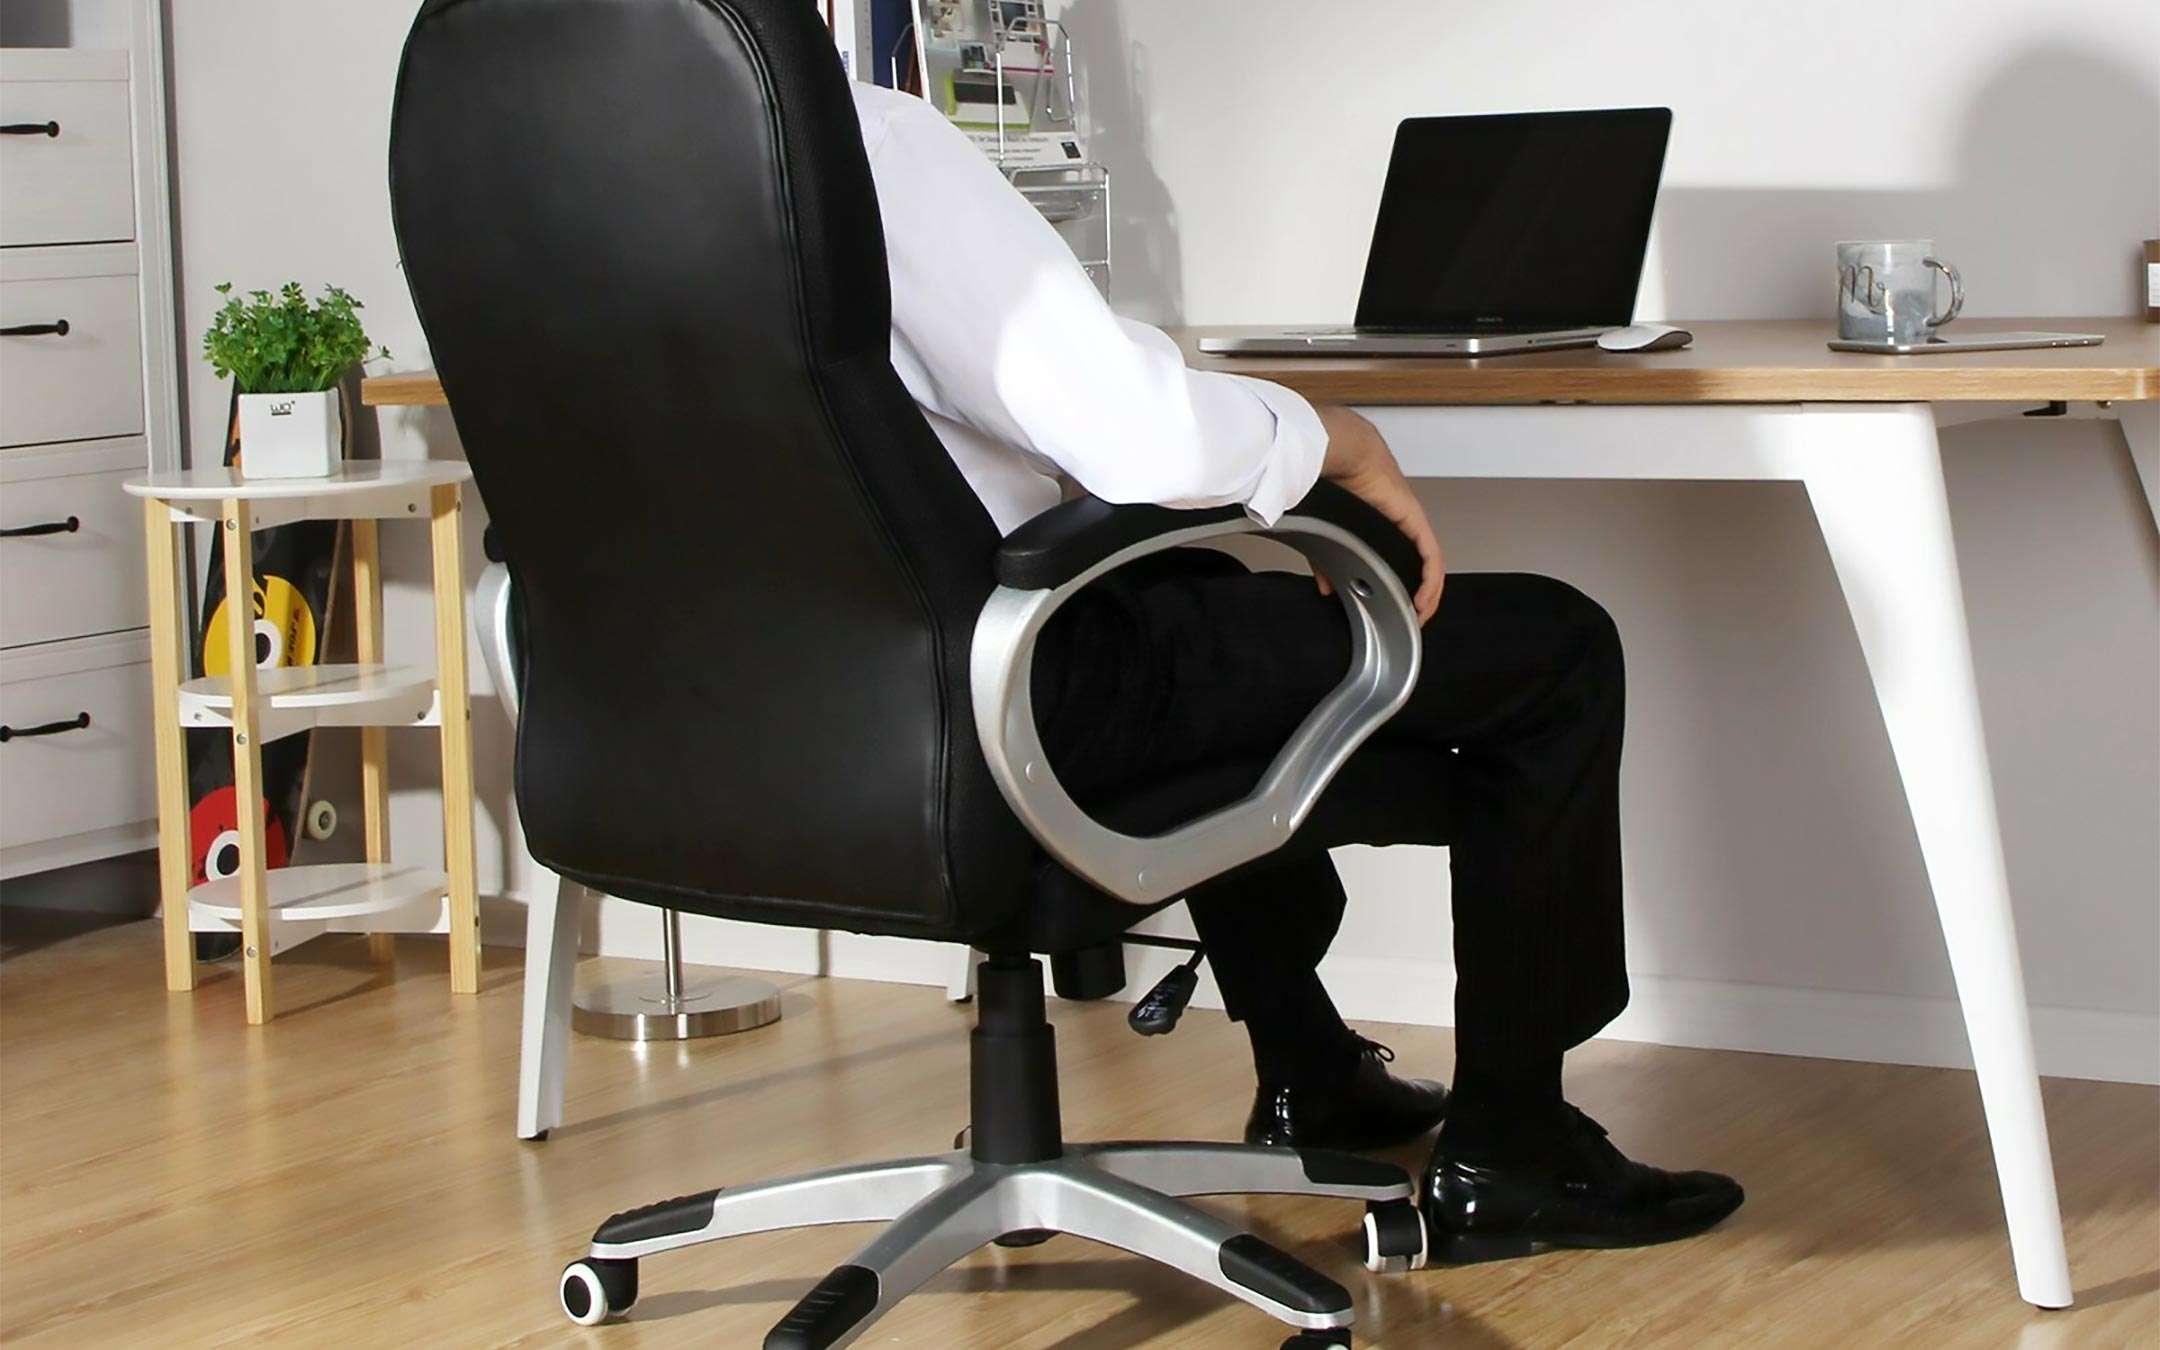 Postazione Ergonomica Per Computer le sedie per la postazione pc in offerta su amazon per il